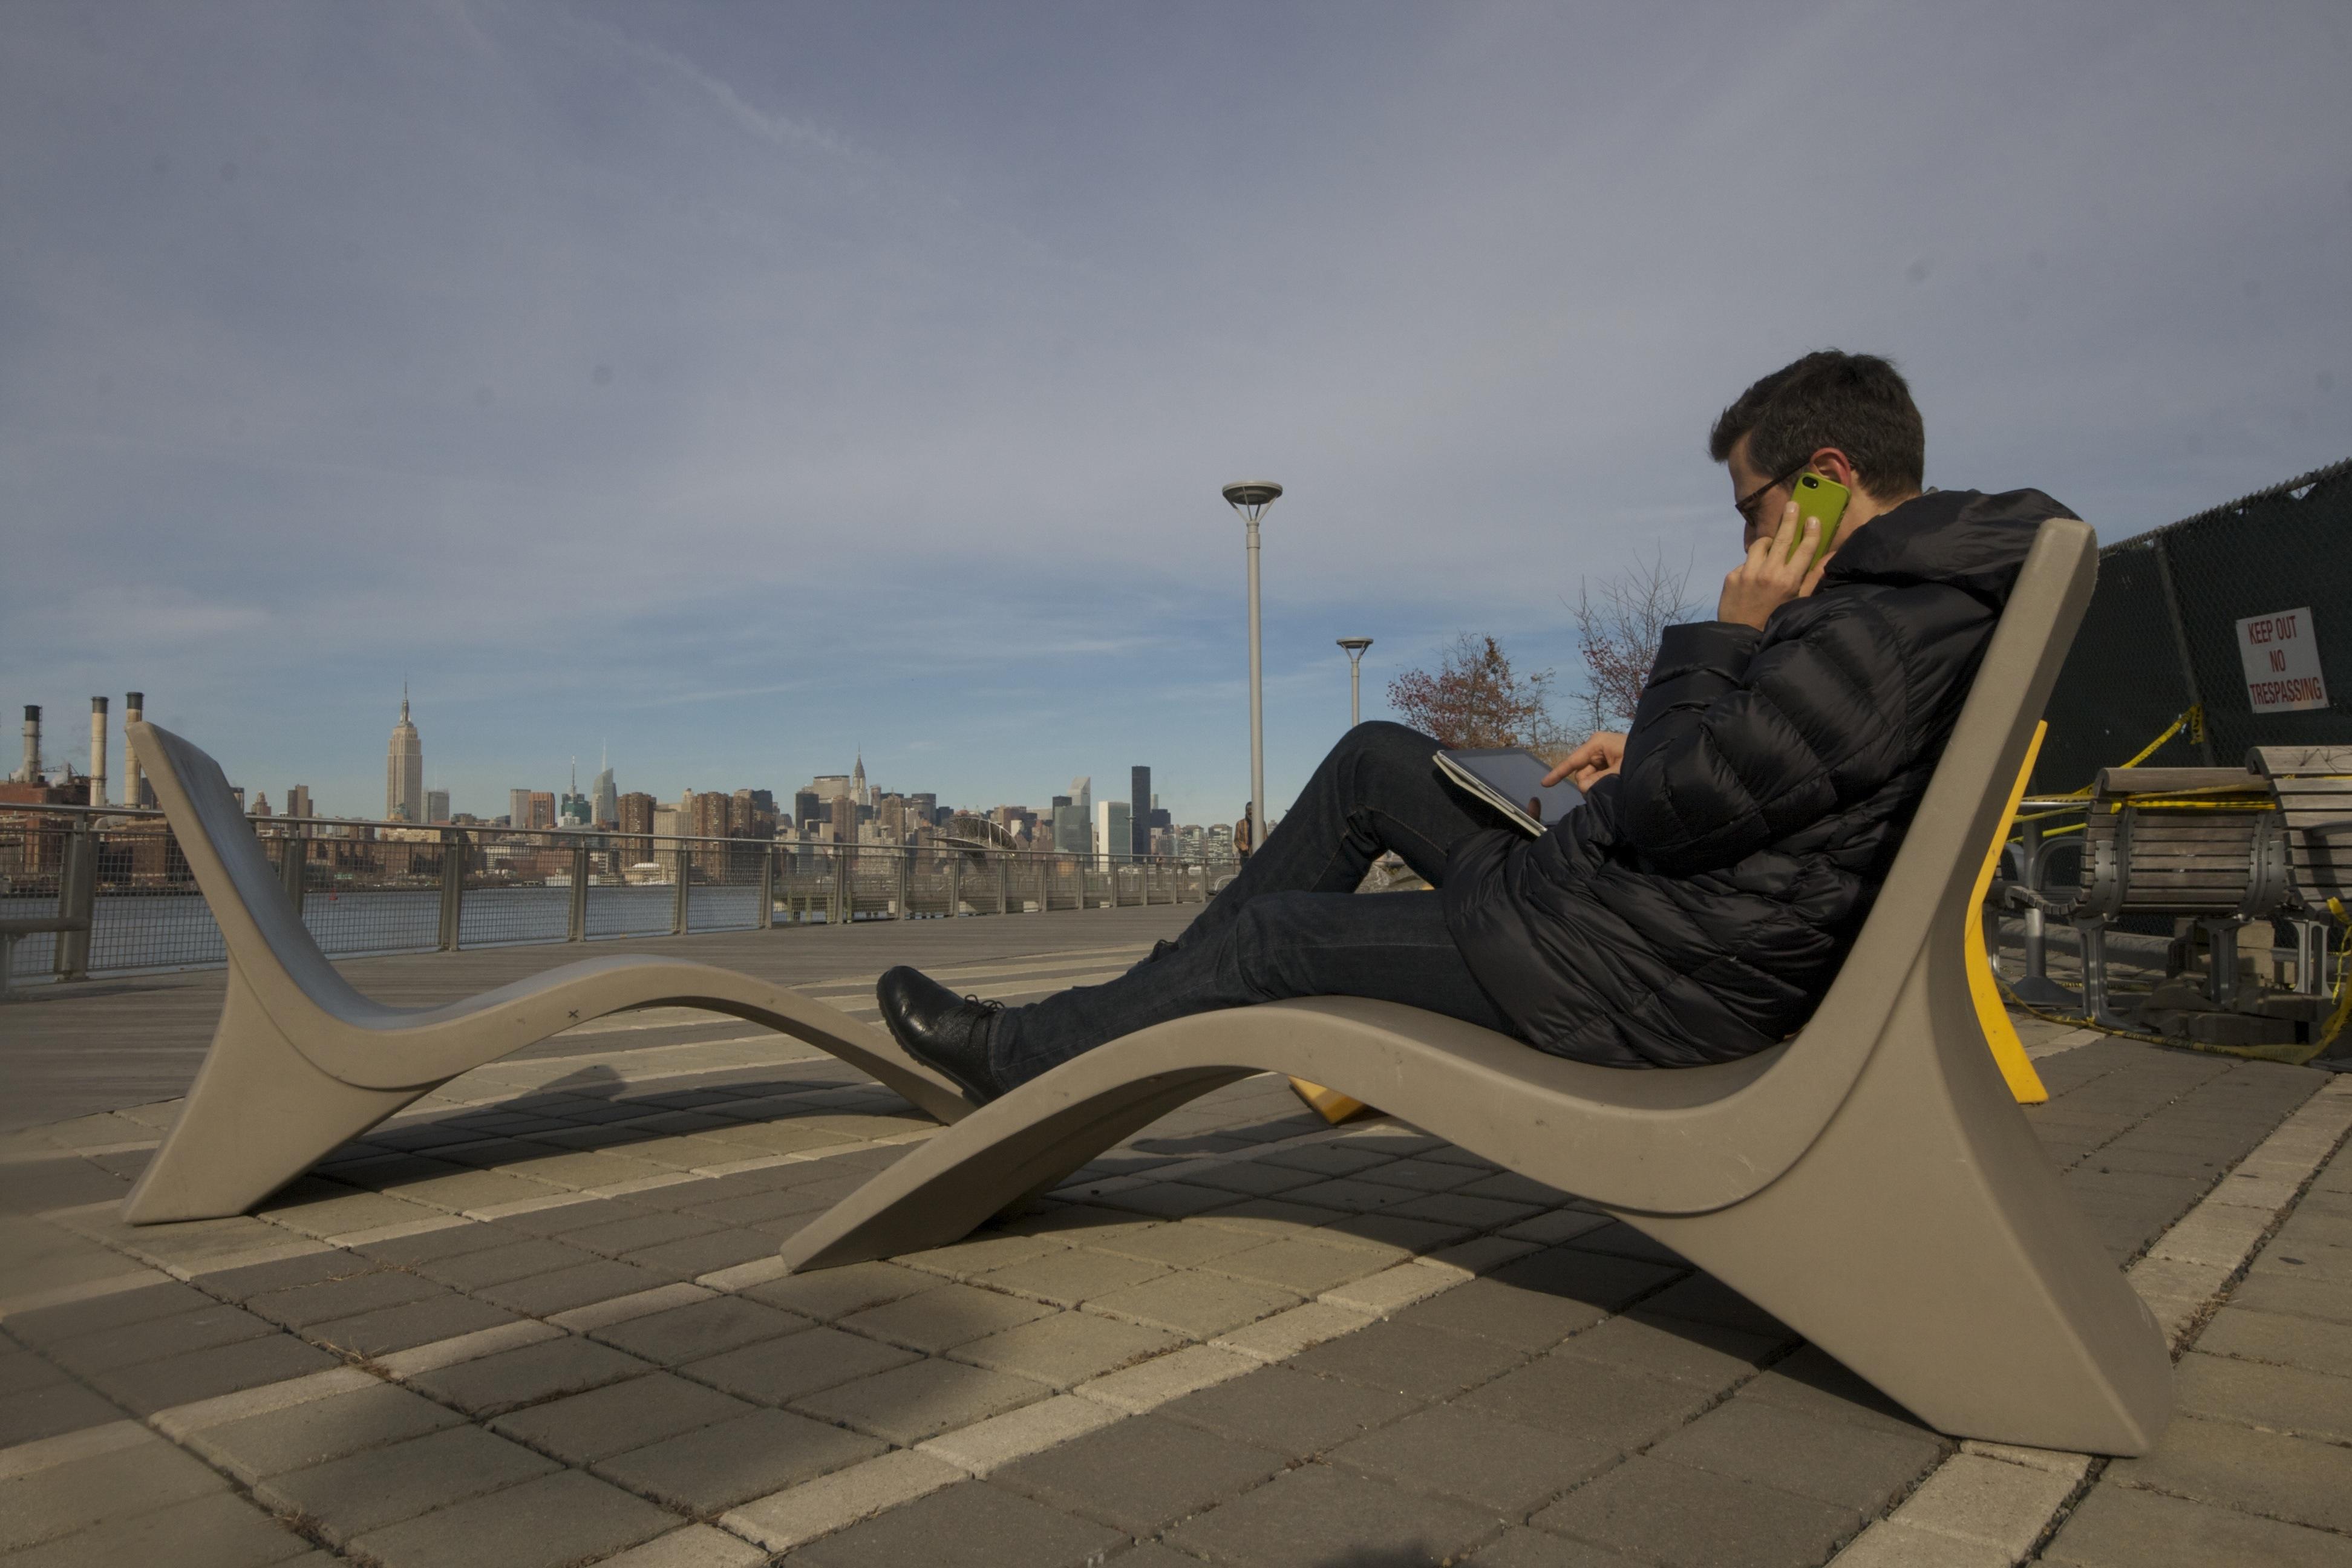 In Williamsburg, gemütlich im Liegestuhl einen Blick auf die Auslastung in der igumbi online Hotelsoftware werfen. NYC